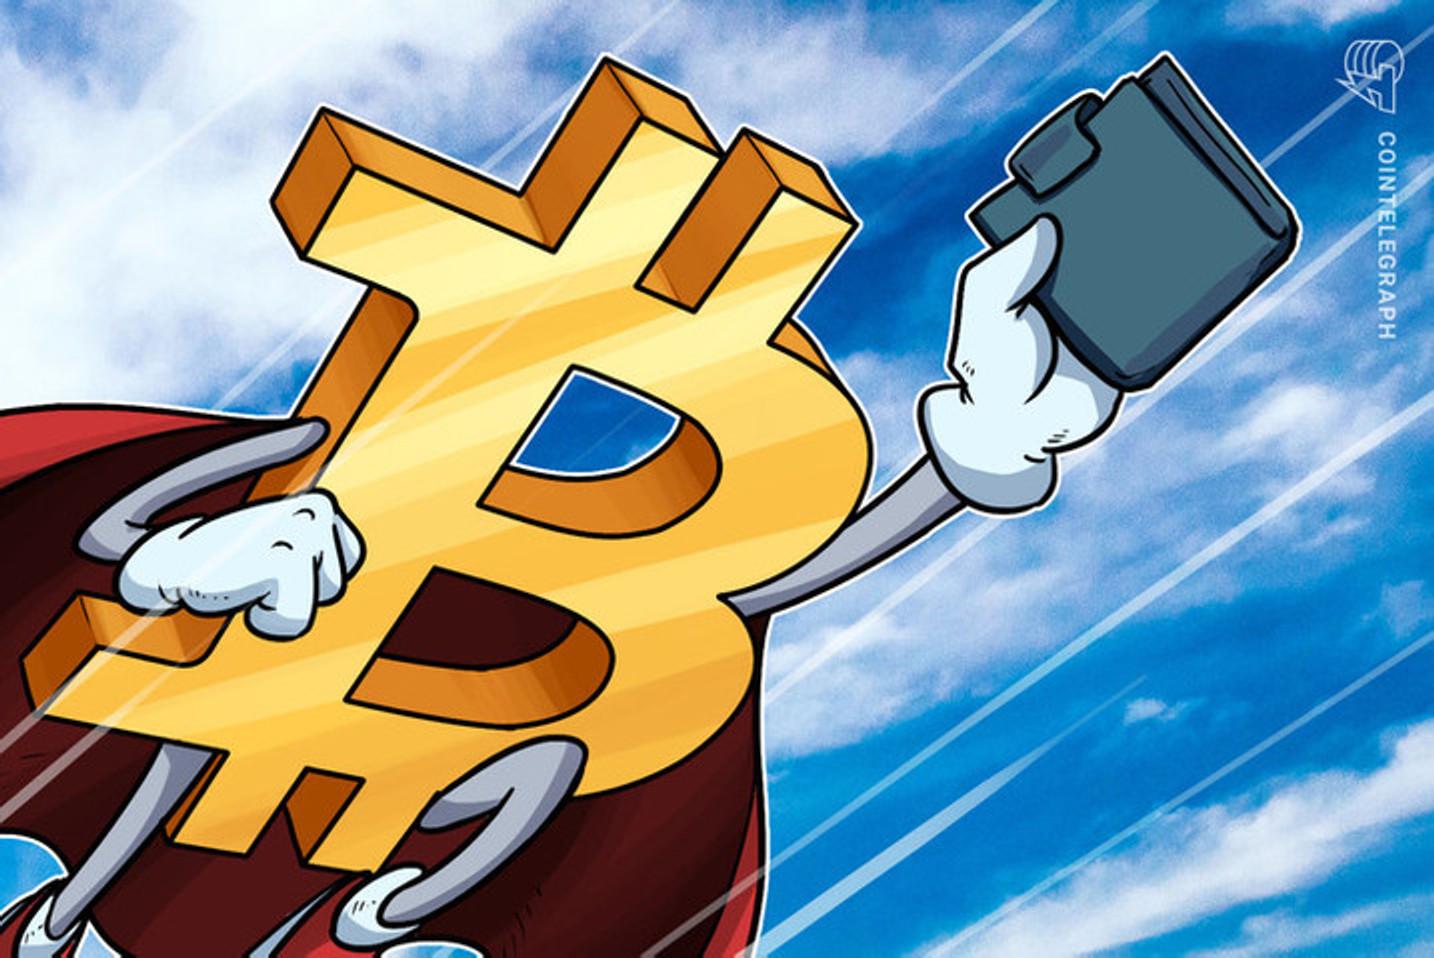 Indice de búsqueda de Bitcoin en las principales plataformas de medios sigue en aumento mientras el precio de Bitcoin llena la brecha de los CME